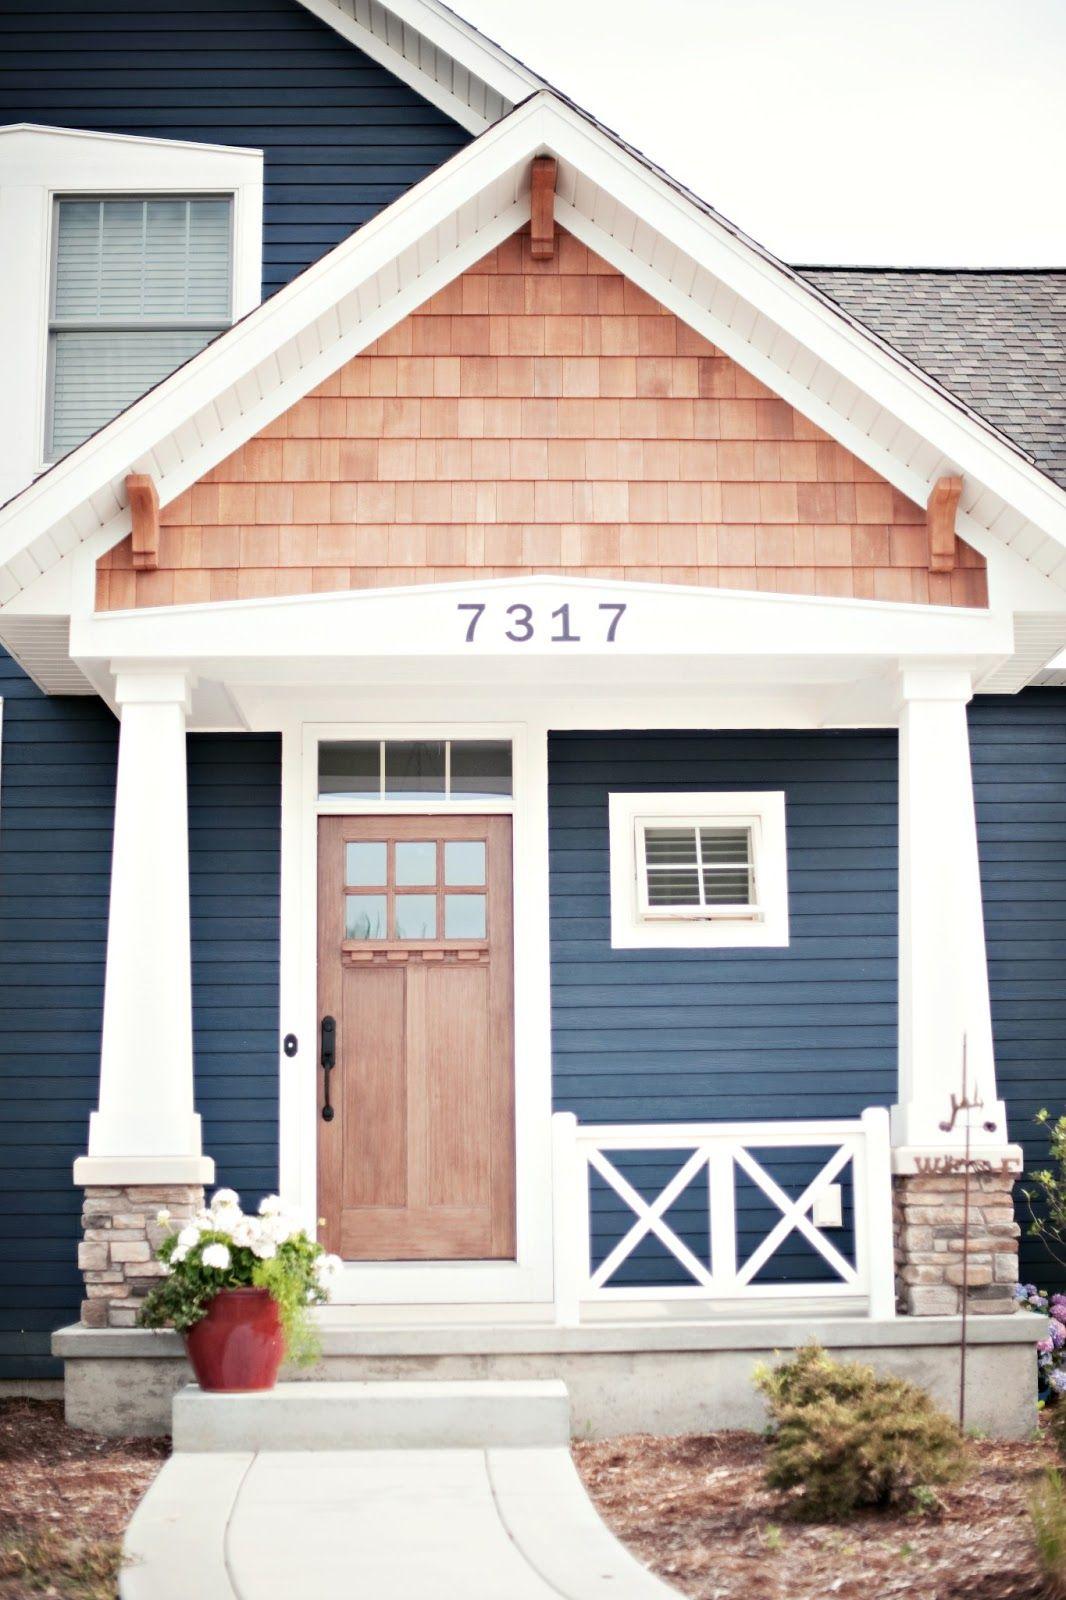 Couleur Extérieur Maison 2017 10 idées de couleurs audacieuses pour embellir l'extérieur